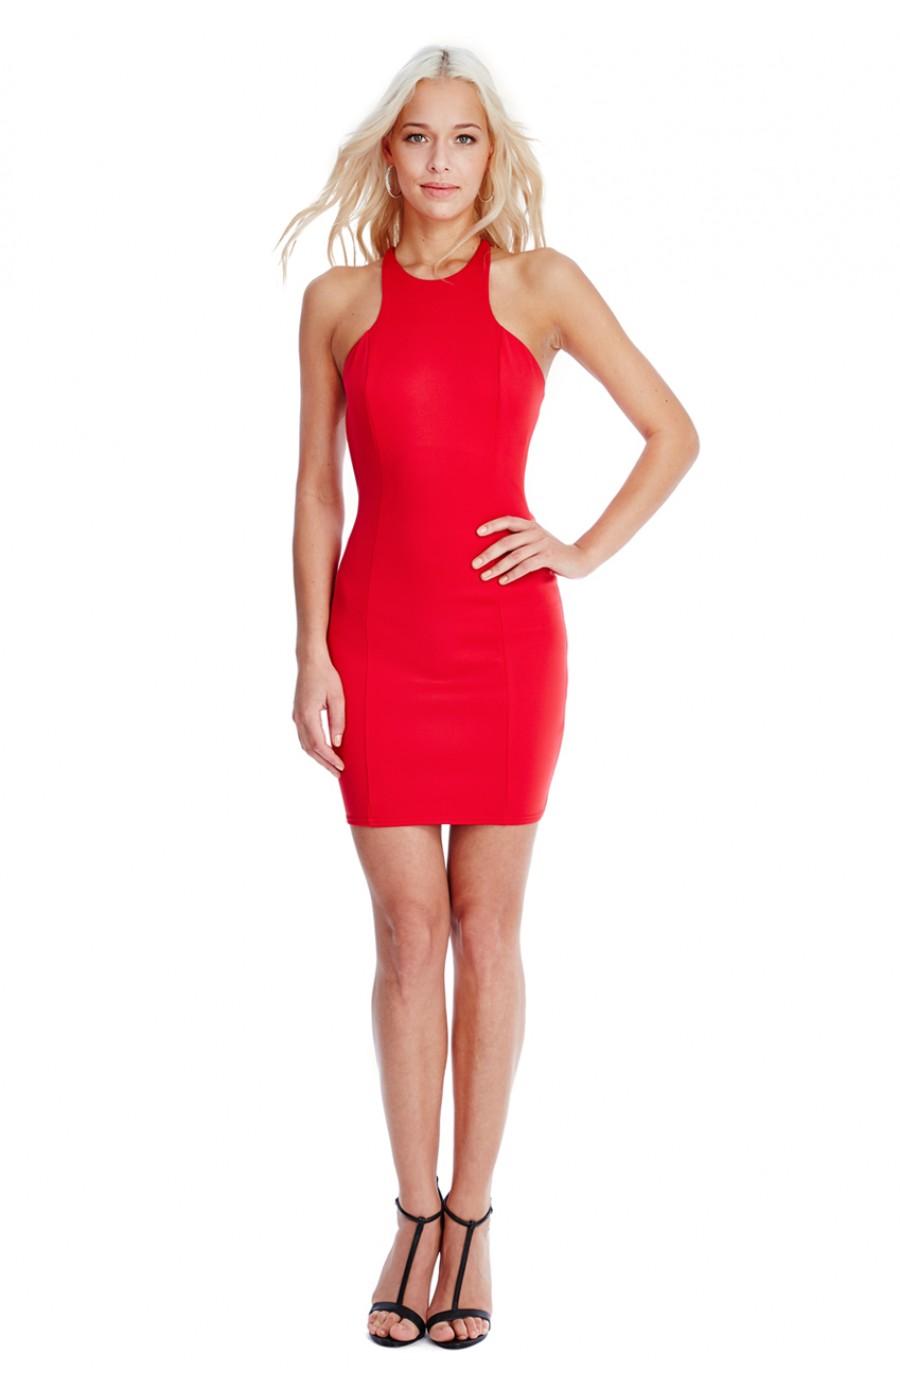 Κοντο κοκκινο φορεμα με ανοικτη πλατη, και φιογκο πισω